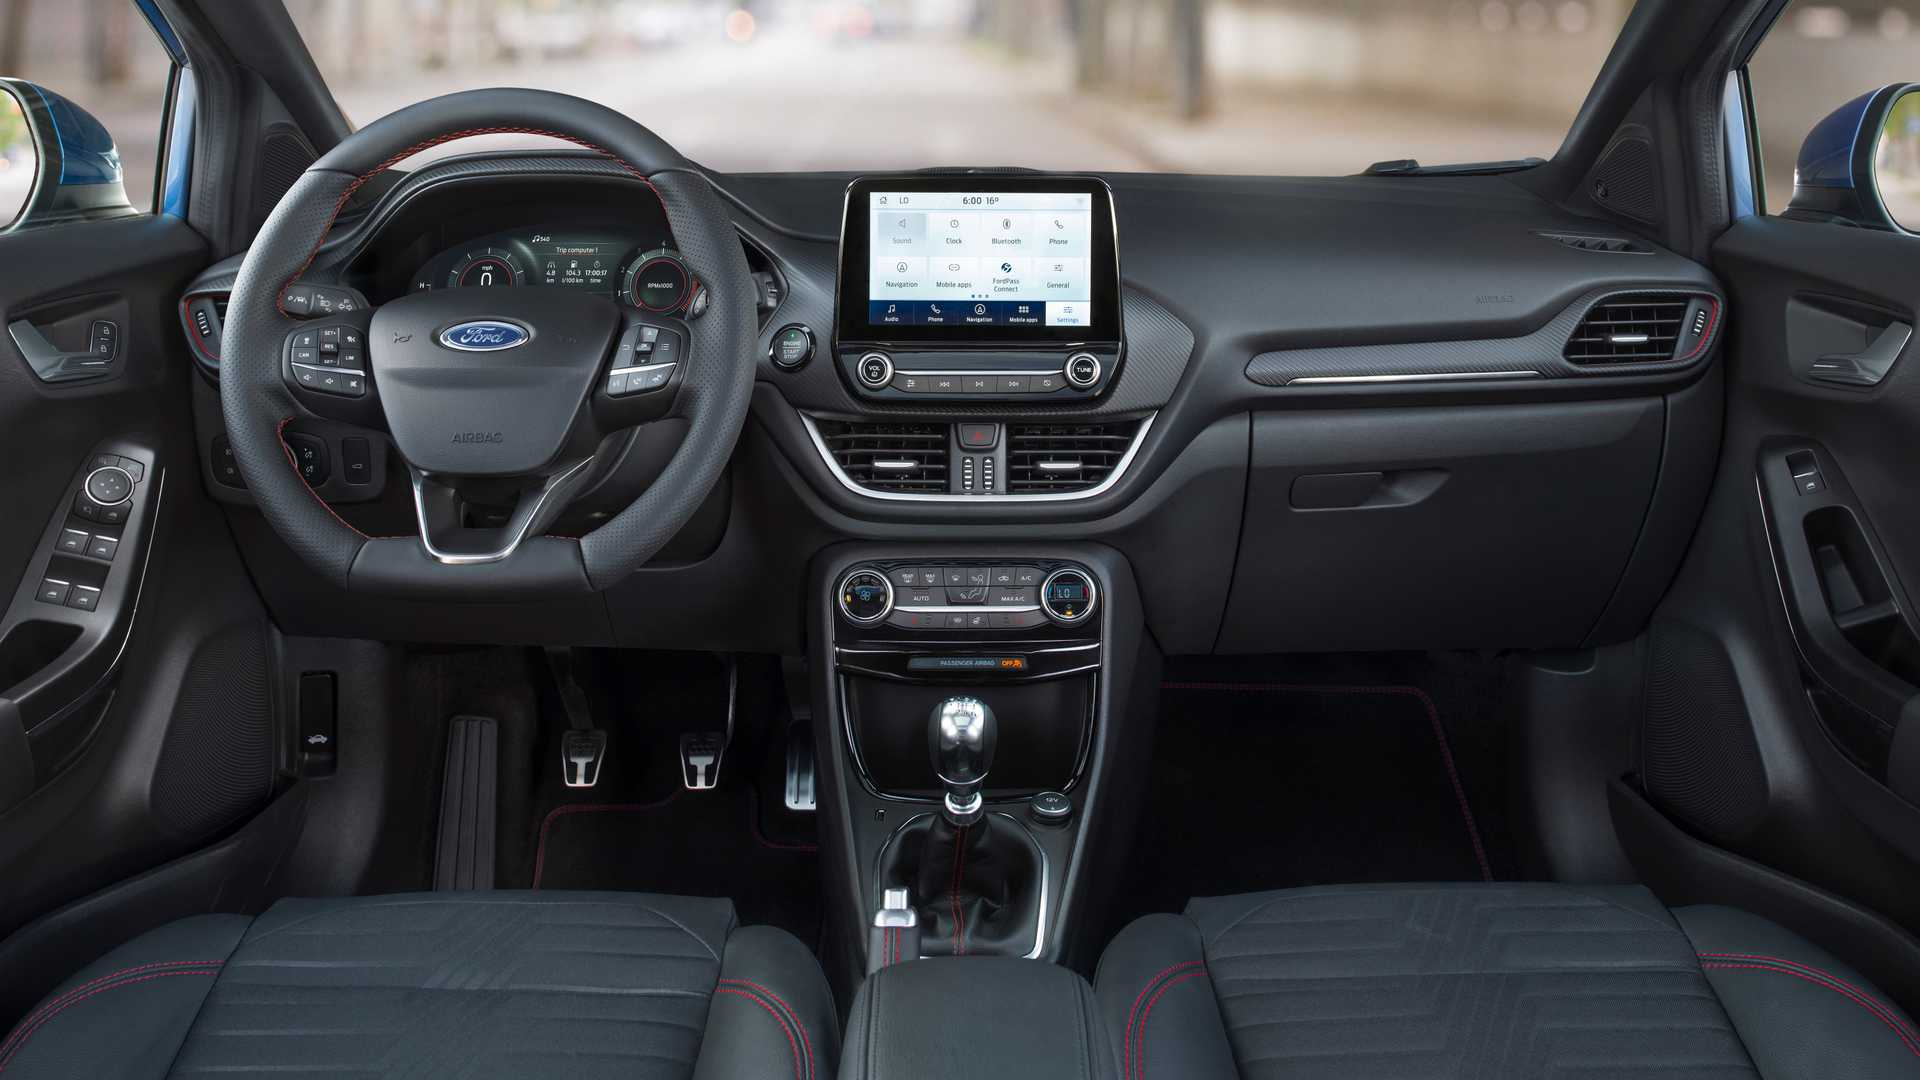 Ford Puma ra mắt phiên bản Titanium X với nhiều trang bị hiện đại - 12